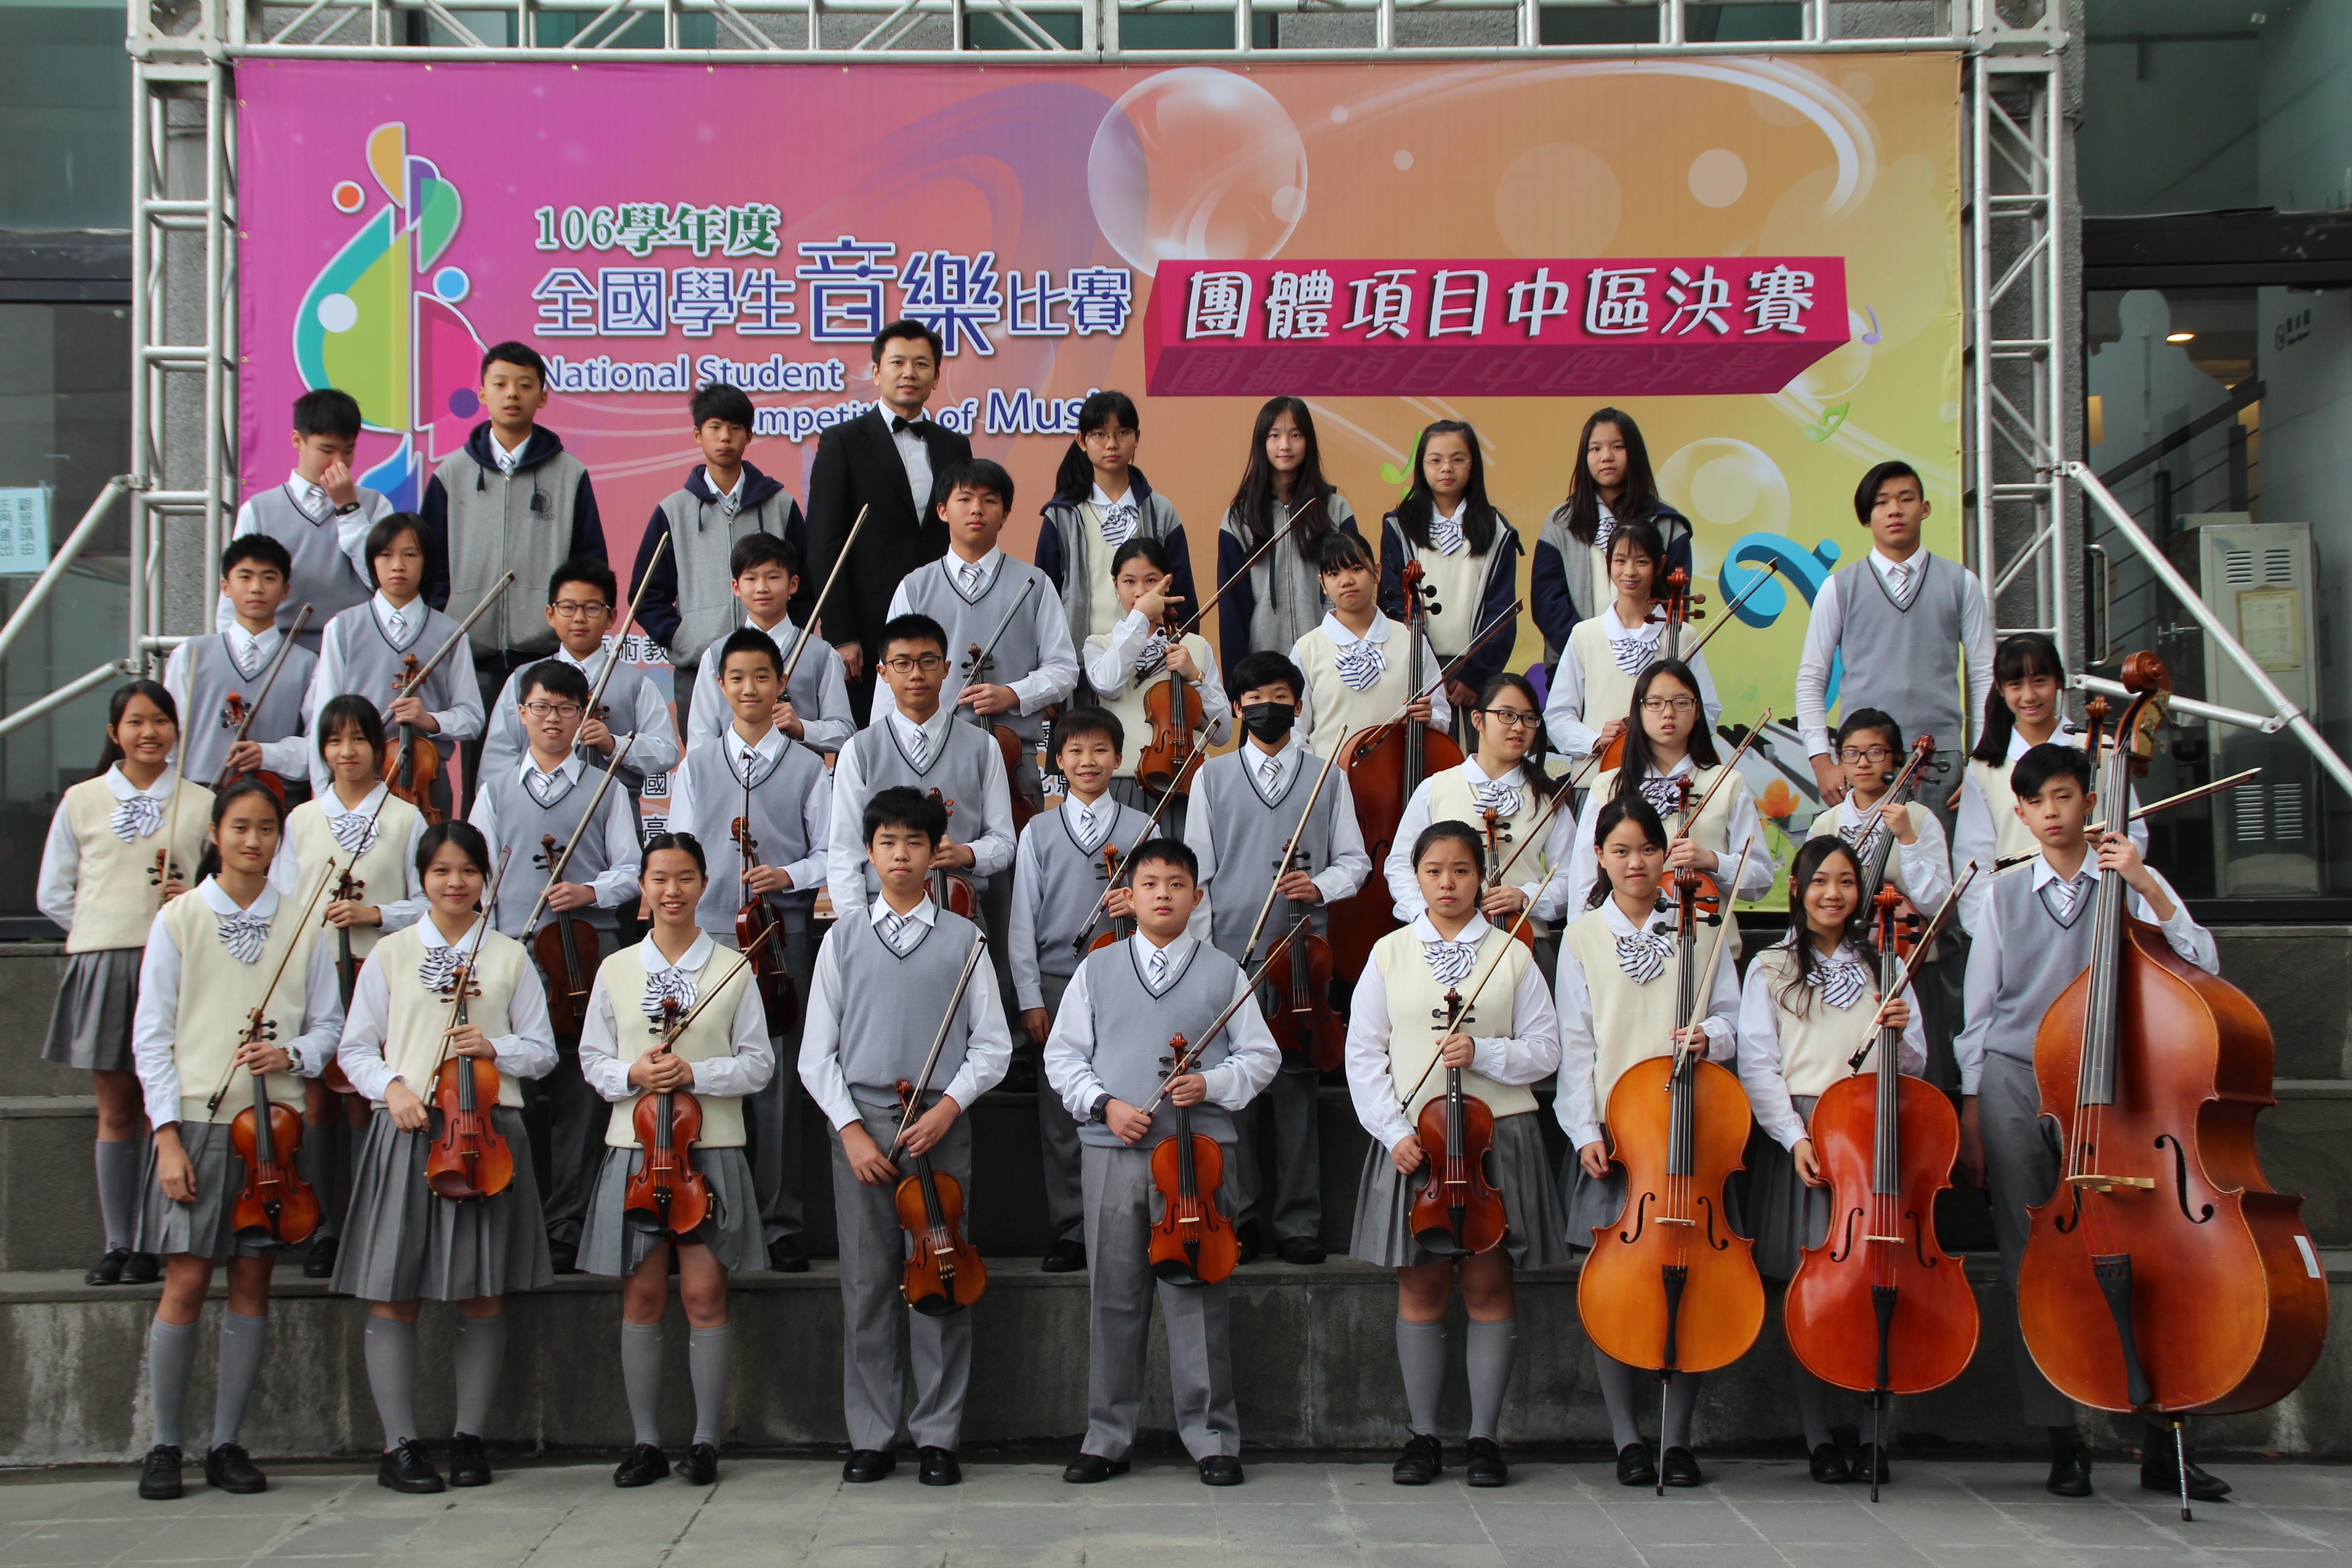 106學年度全國學生音樂比賽弦樂合奏